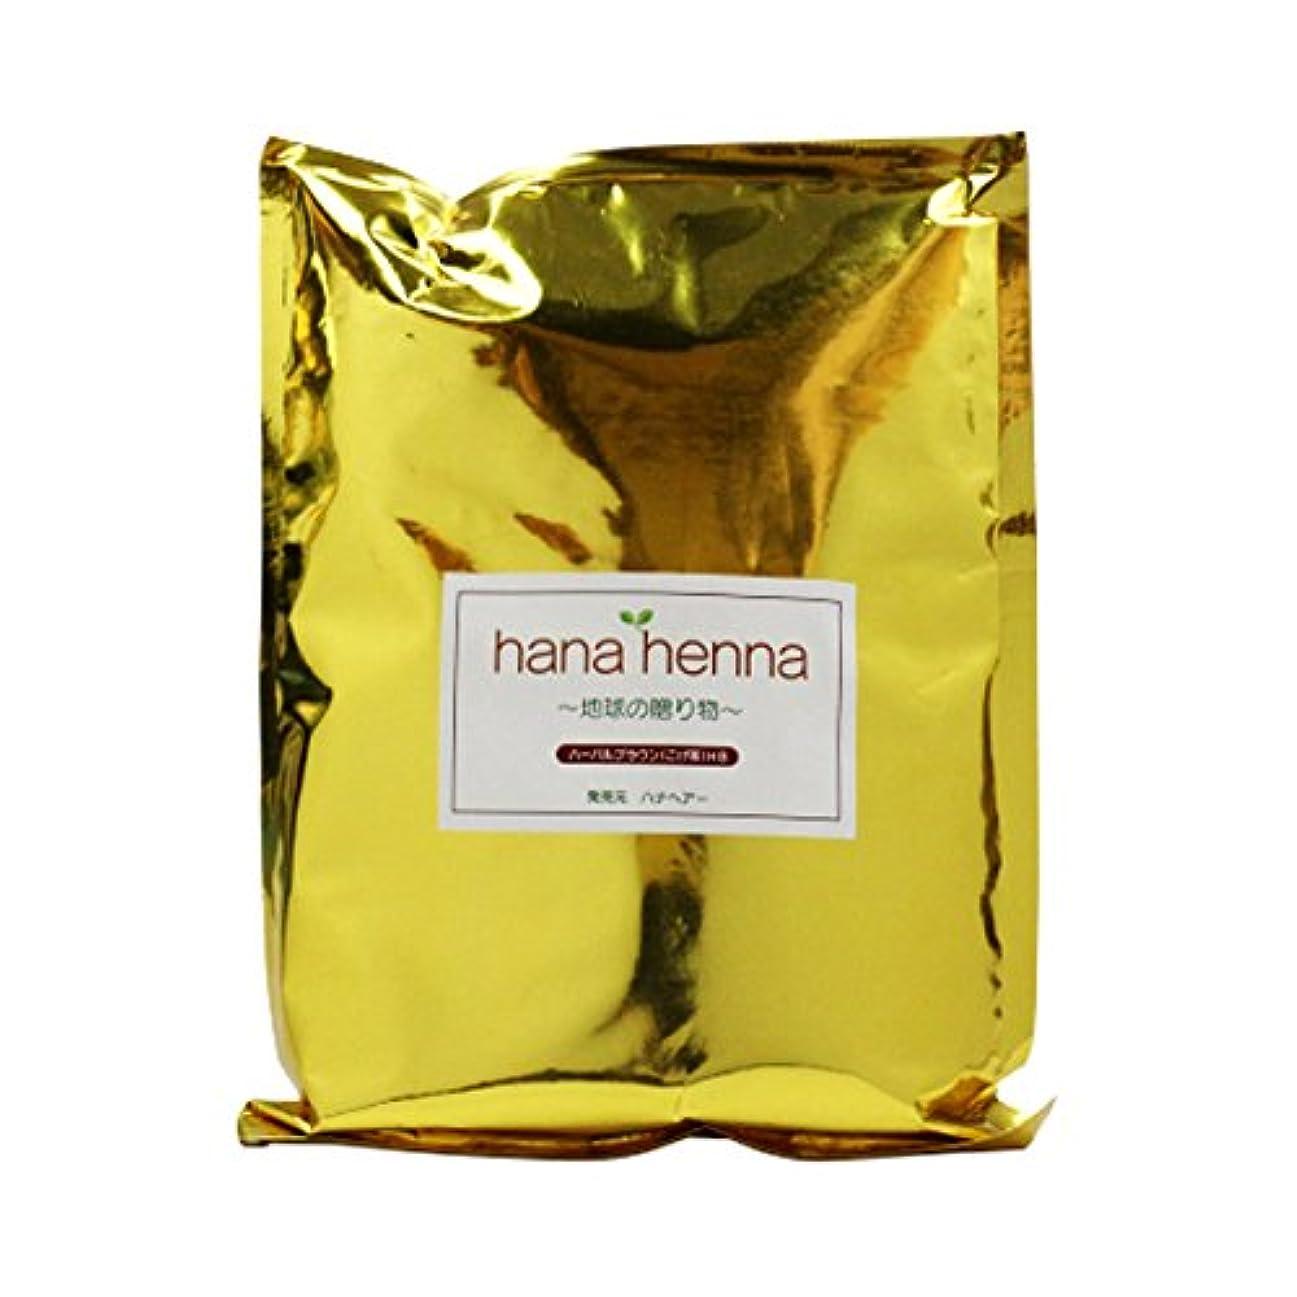 動脈パンツがっかりするhanahenna ハーバルブラウン HB(こげ茶) 100g